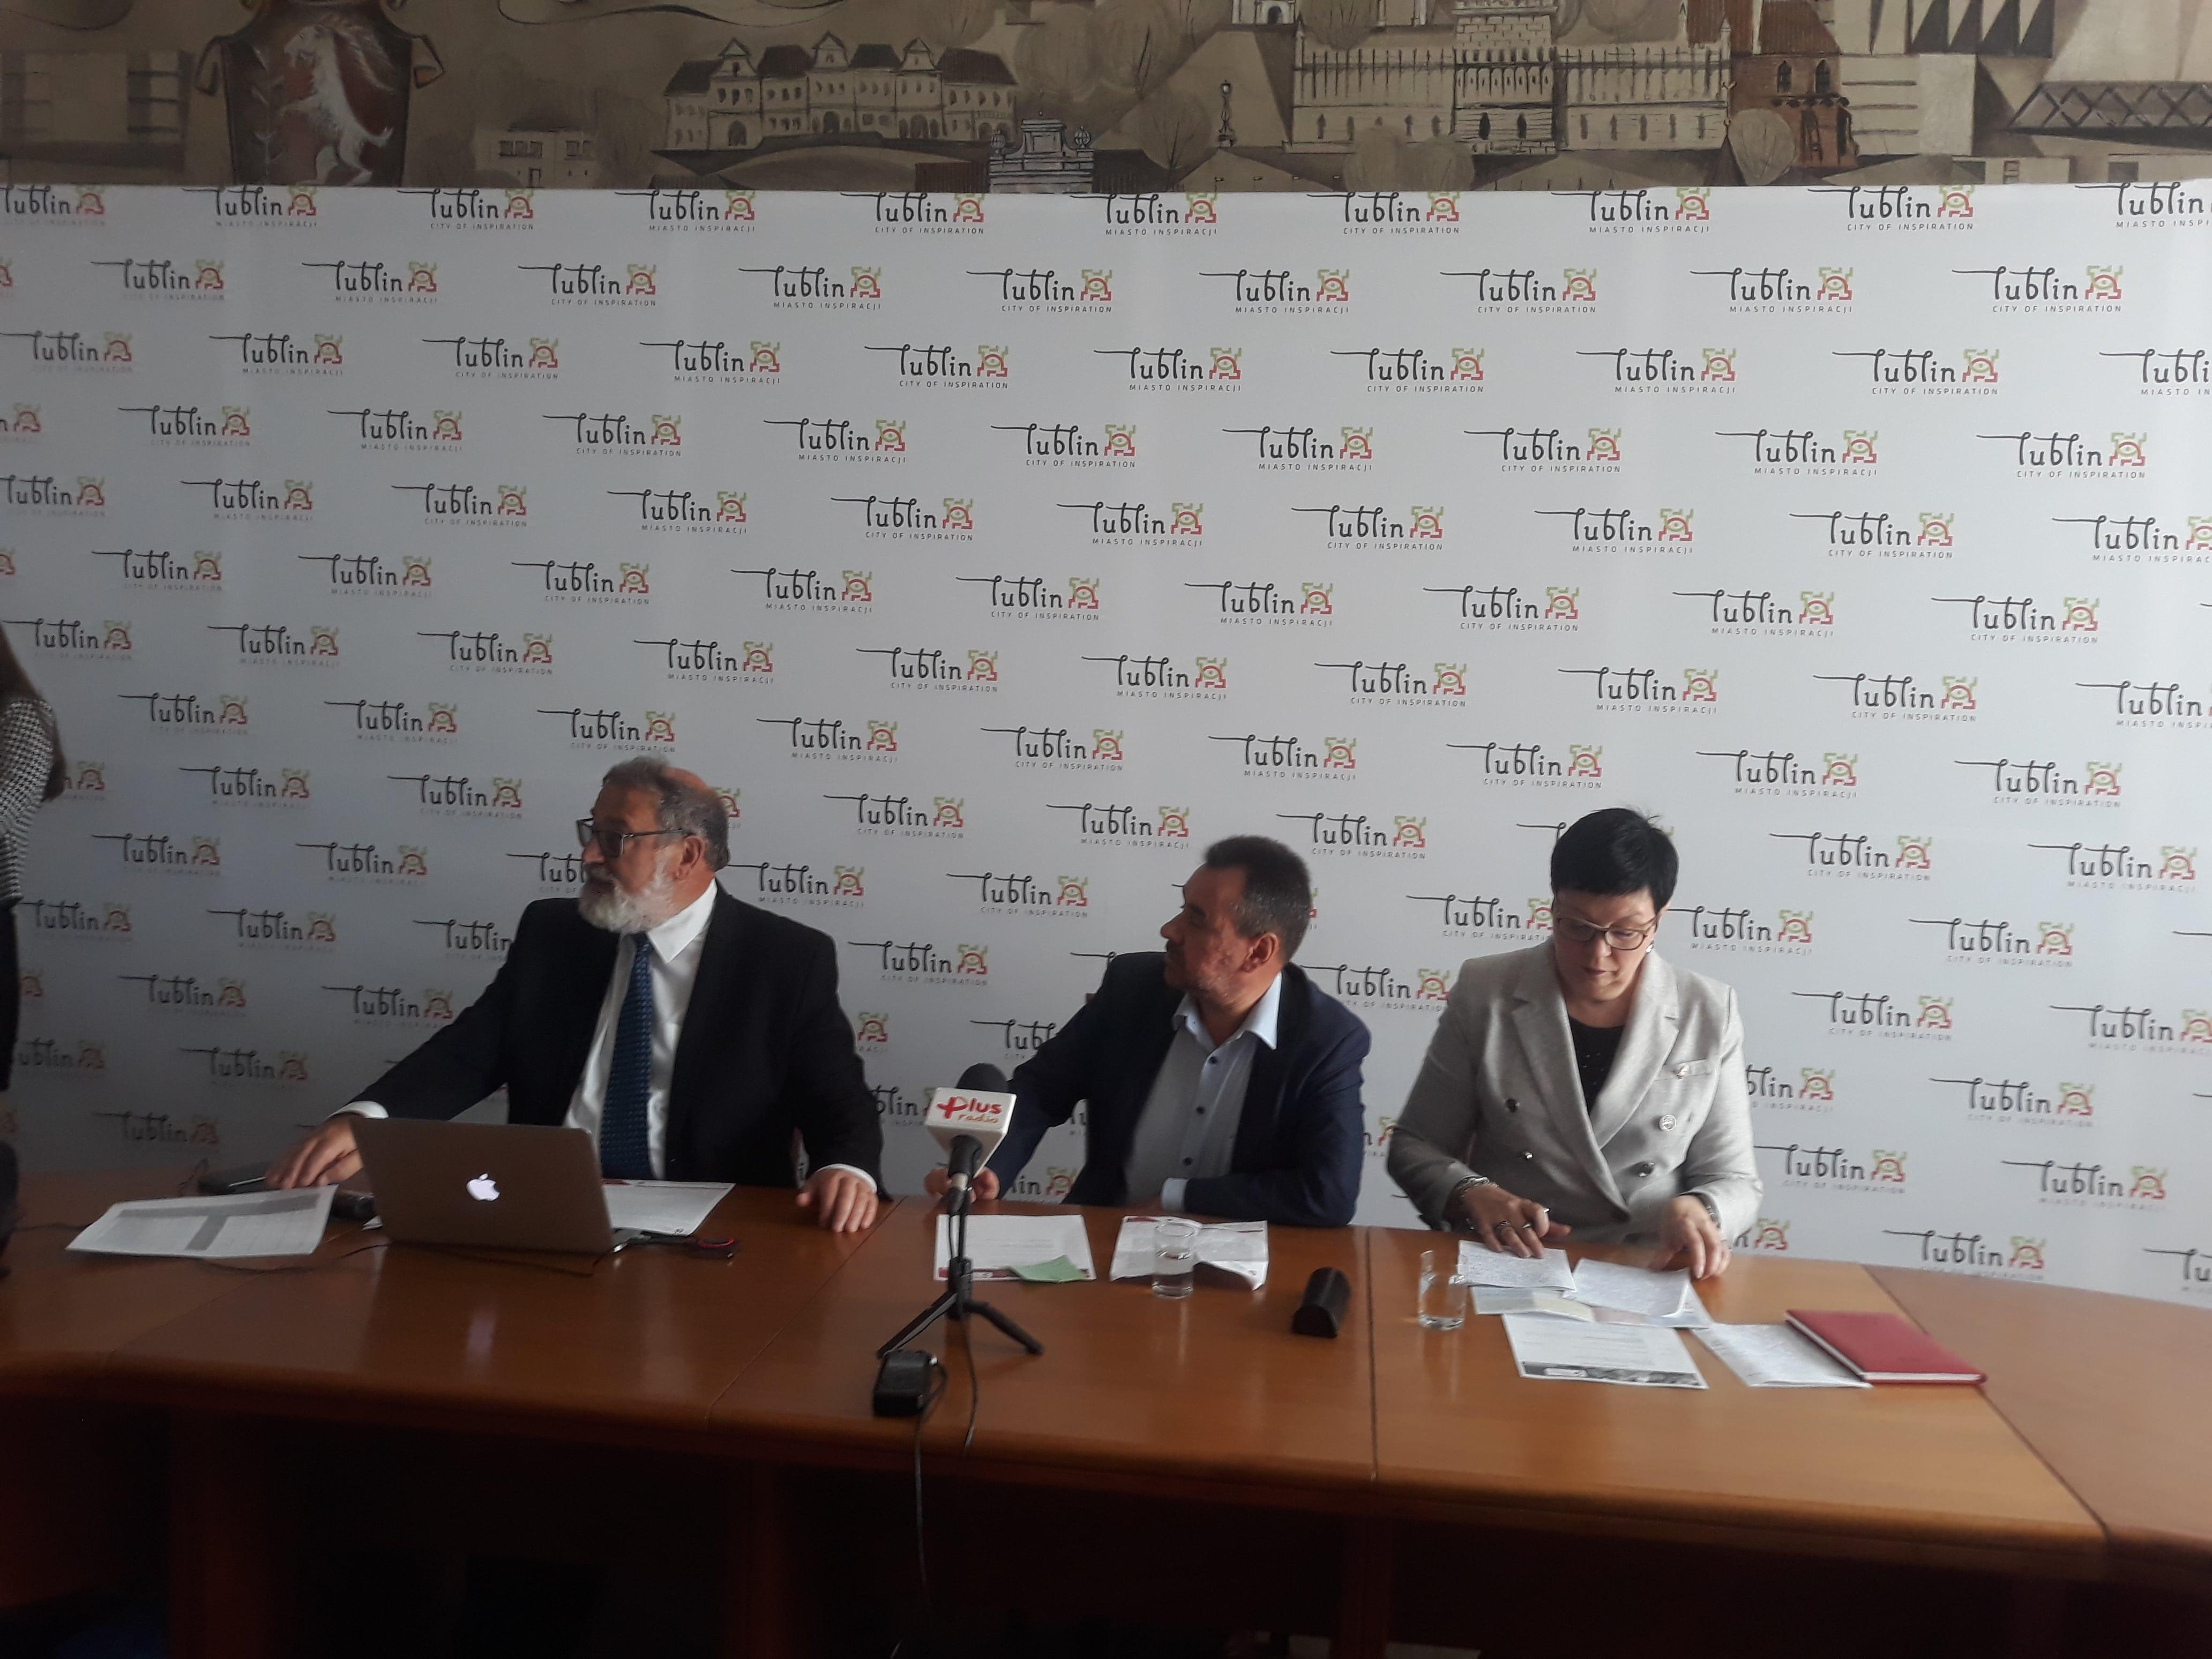 W październiku Kongres Współpracy Transgranicznej w Lublinie. Tym razem on-line - Zdjęcie główne